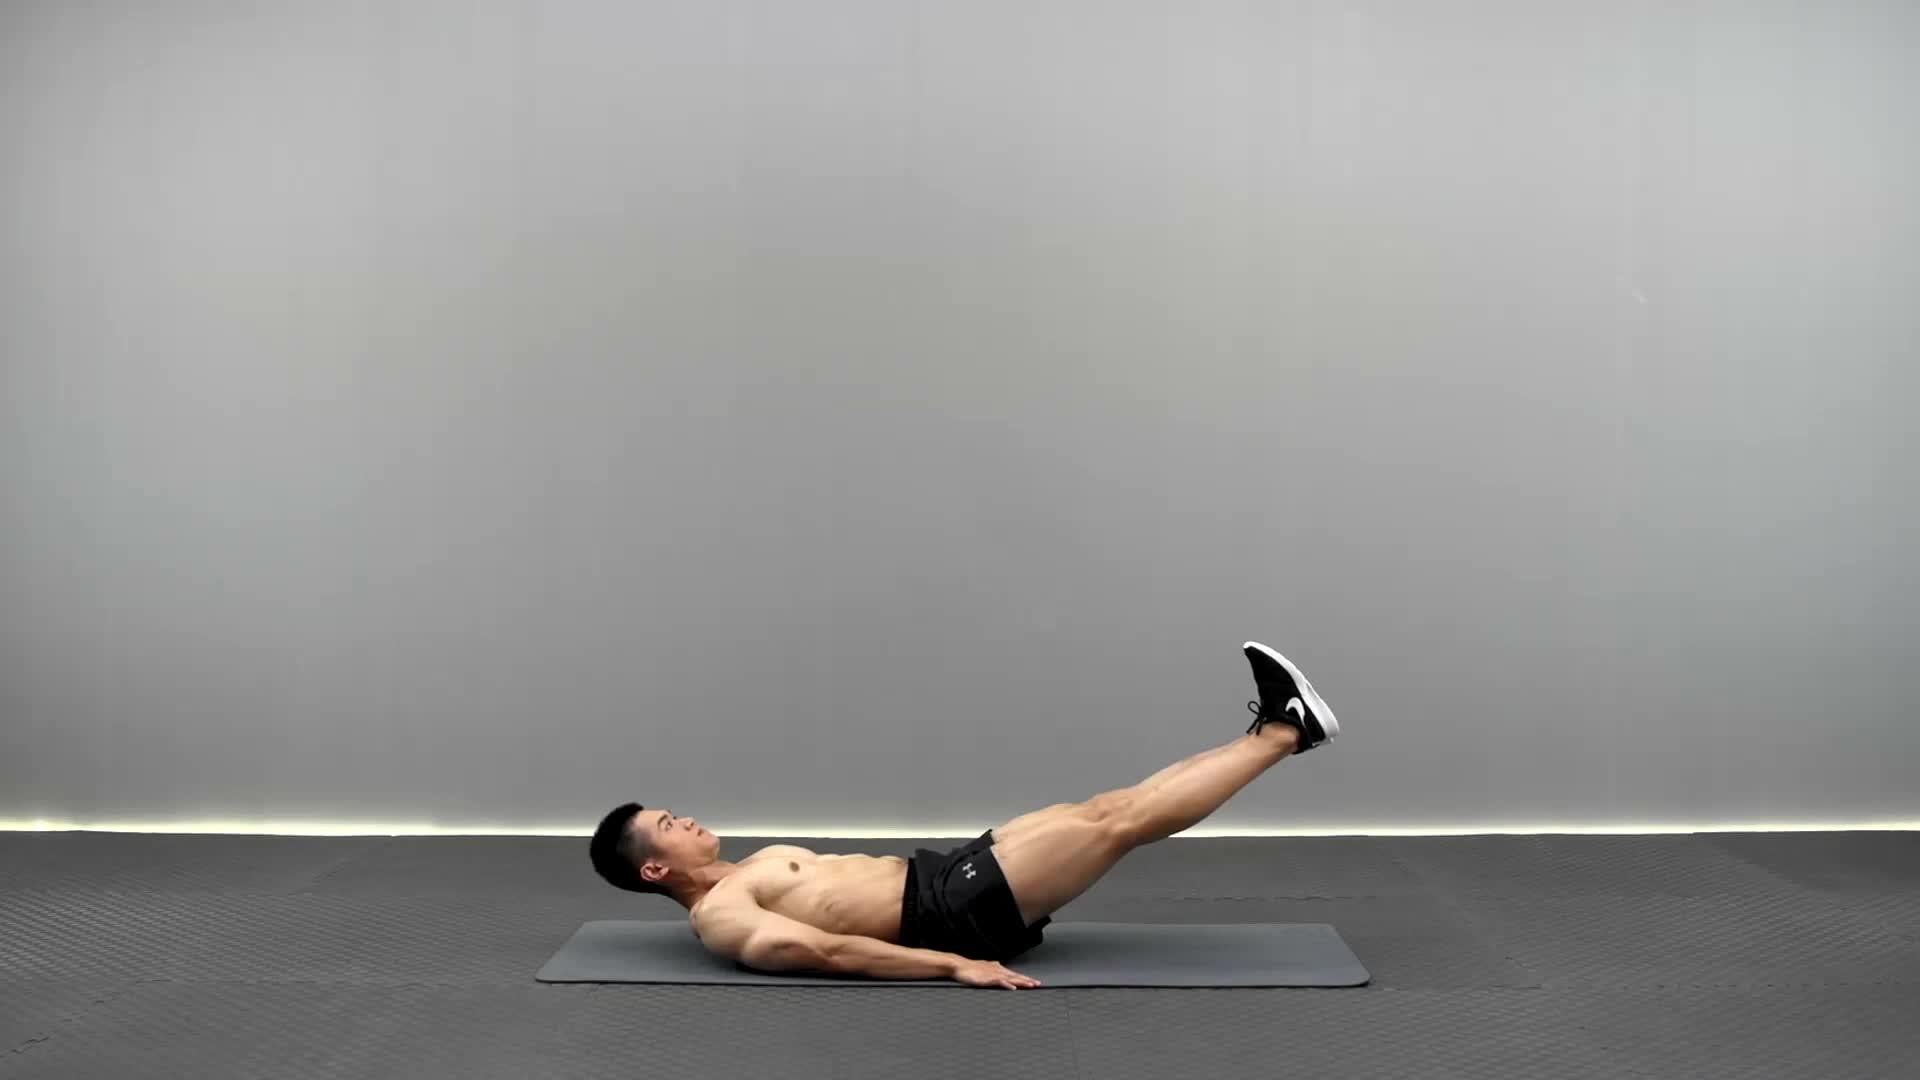 动作要领图                 腹部保持持续紧张,双手置于臀下,腿尽量伸直           主要肌肉示意图        开合举腿的动作要领 1部保持持续紧张,双手置于臀下,腿尽量伸直